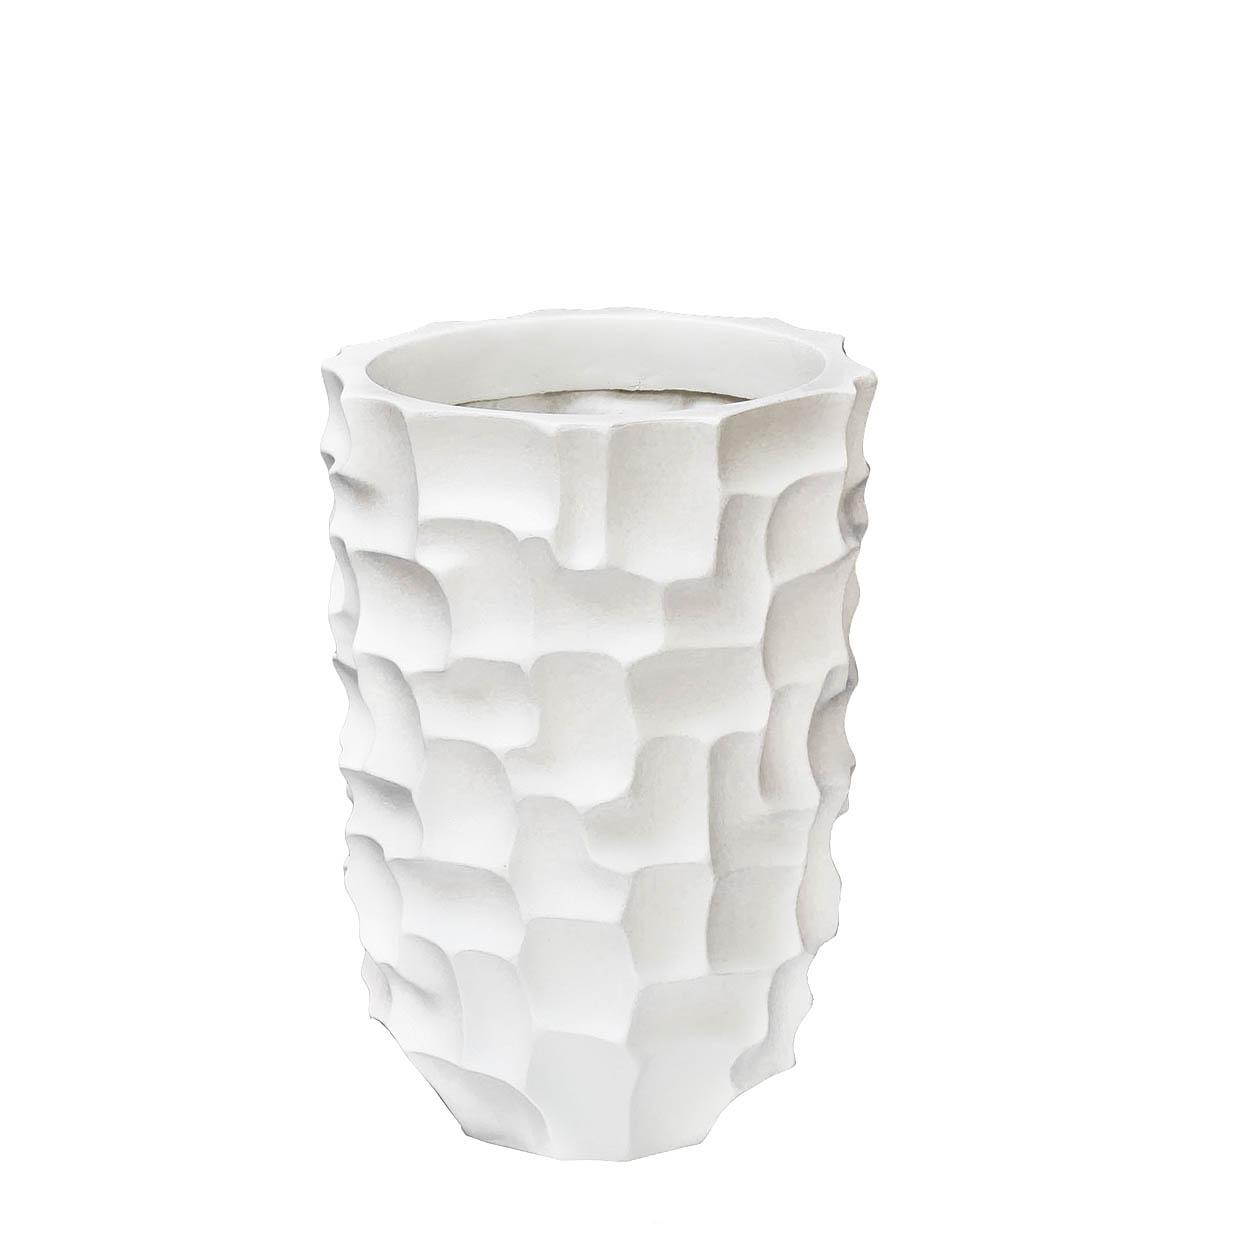 КашпоКашпо и аксессуары для цветов<br>Белое кашпо от Garda Decor — скульптурная импровизация в предмете декора. Абстрактную поверхность образуют будто кусочки пазла — миниатюрные геометрические фигуры, выложенные в затейливый узор. Белый цвет гармонично выглядит в любой обстановке. Кашпо идеально дополнит интерьеры в сдержанных тонах.<br><br>Material: Керамика<br>Width см: 32<br>Depth см: 32<br>Height см: 47